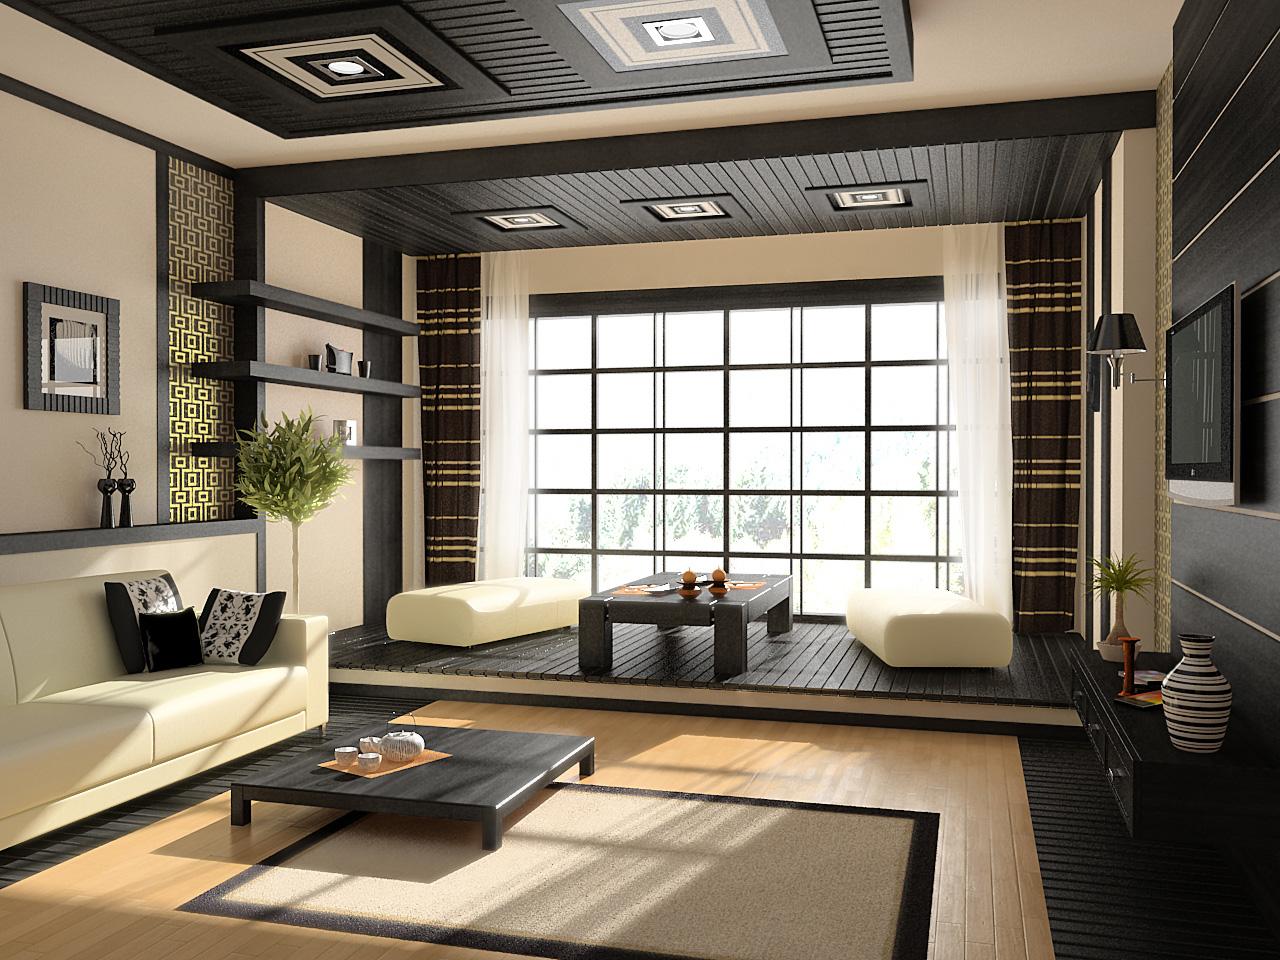 Бежево-черная гостиная в японском стиле